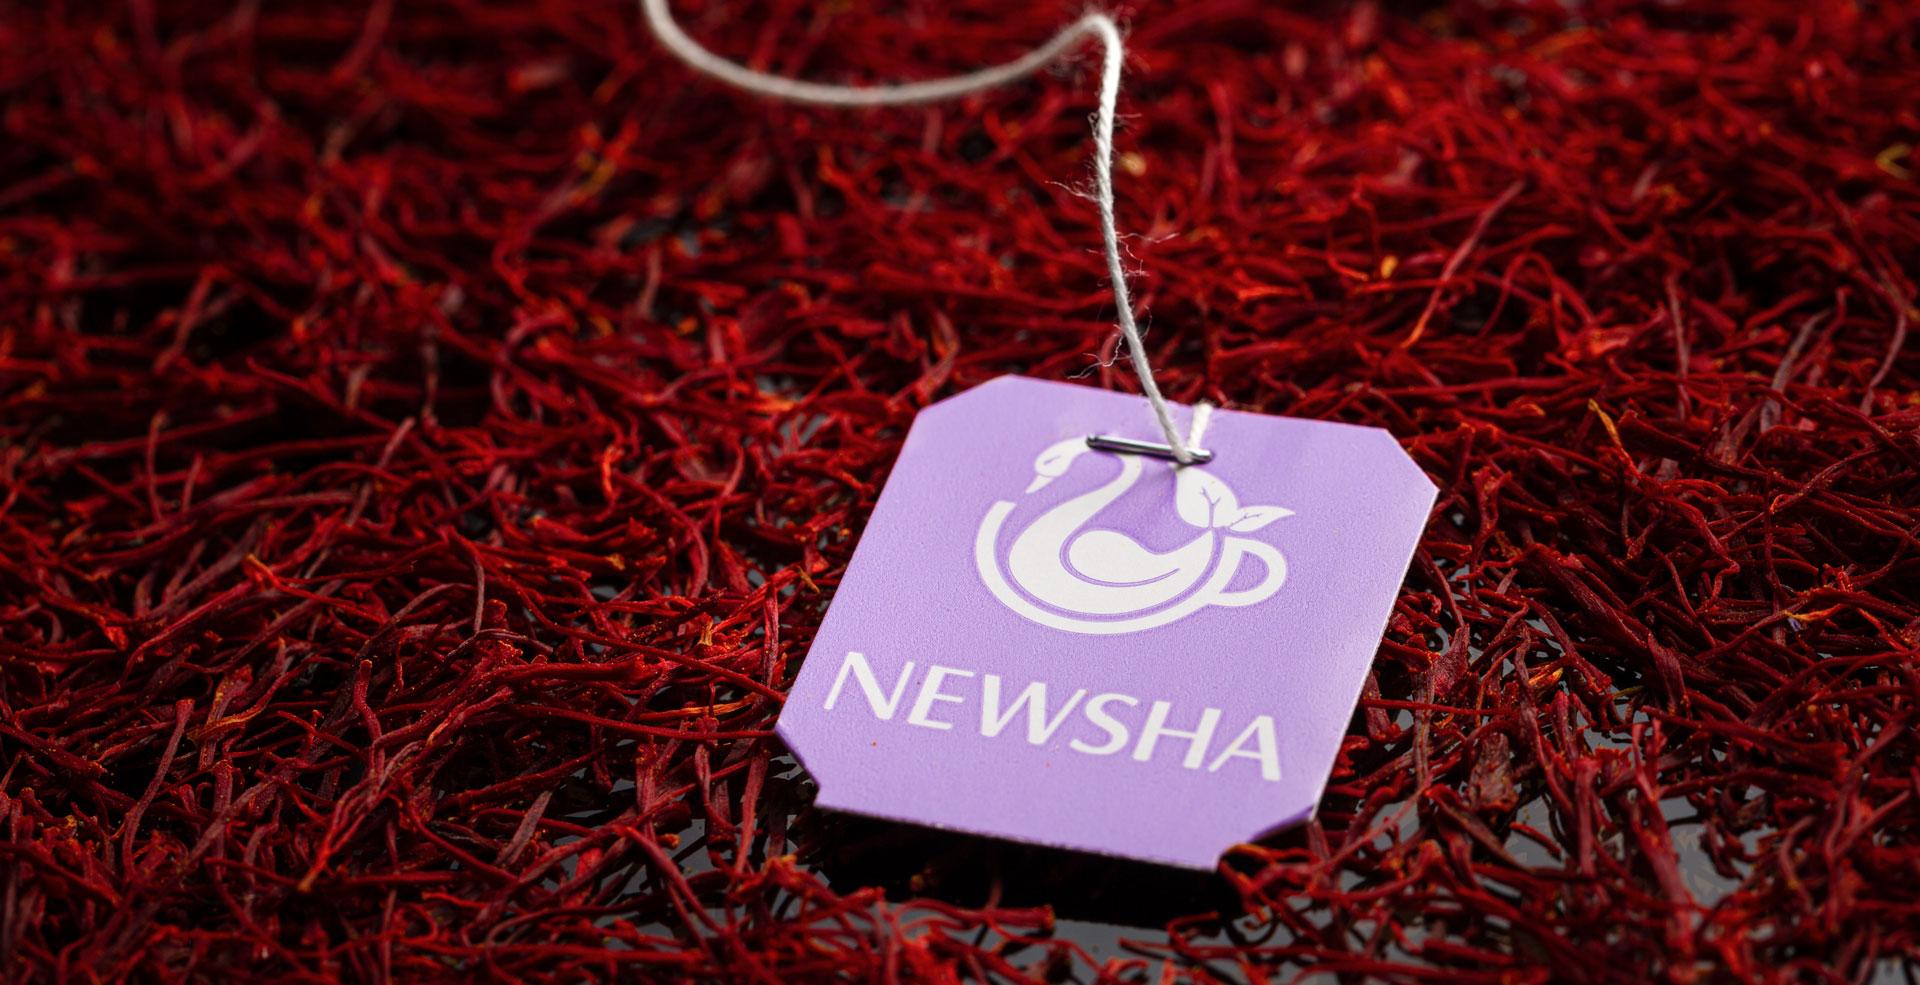 نیوشادرینک - newshaaa